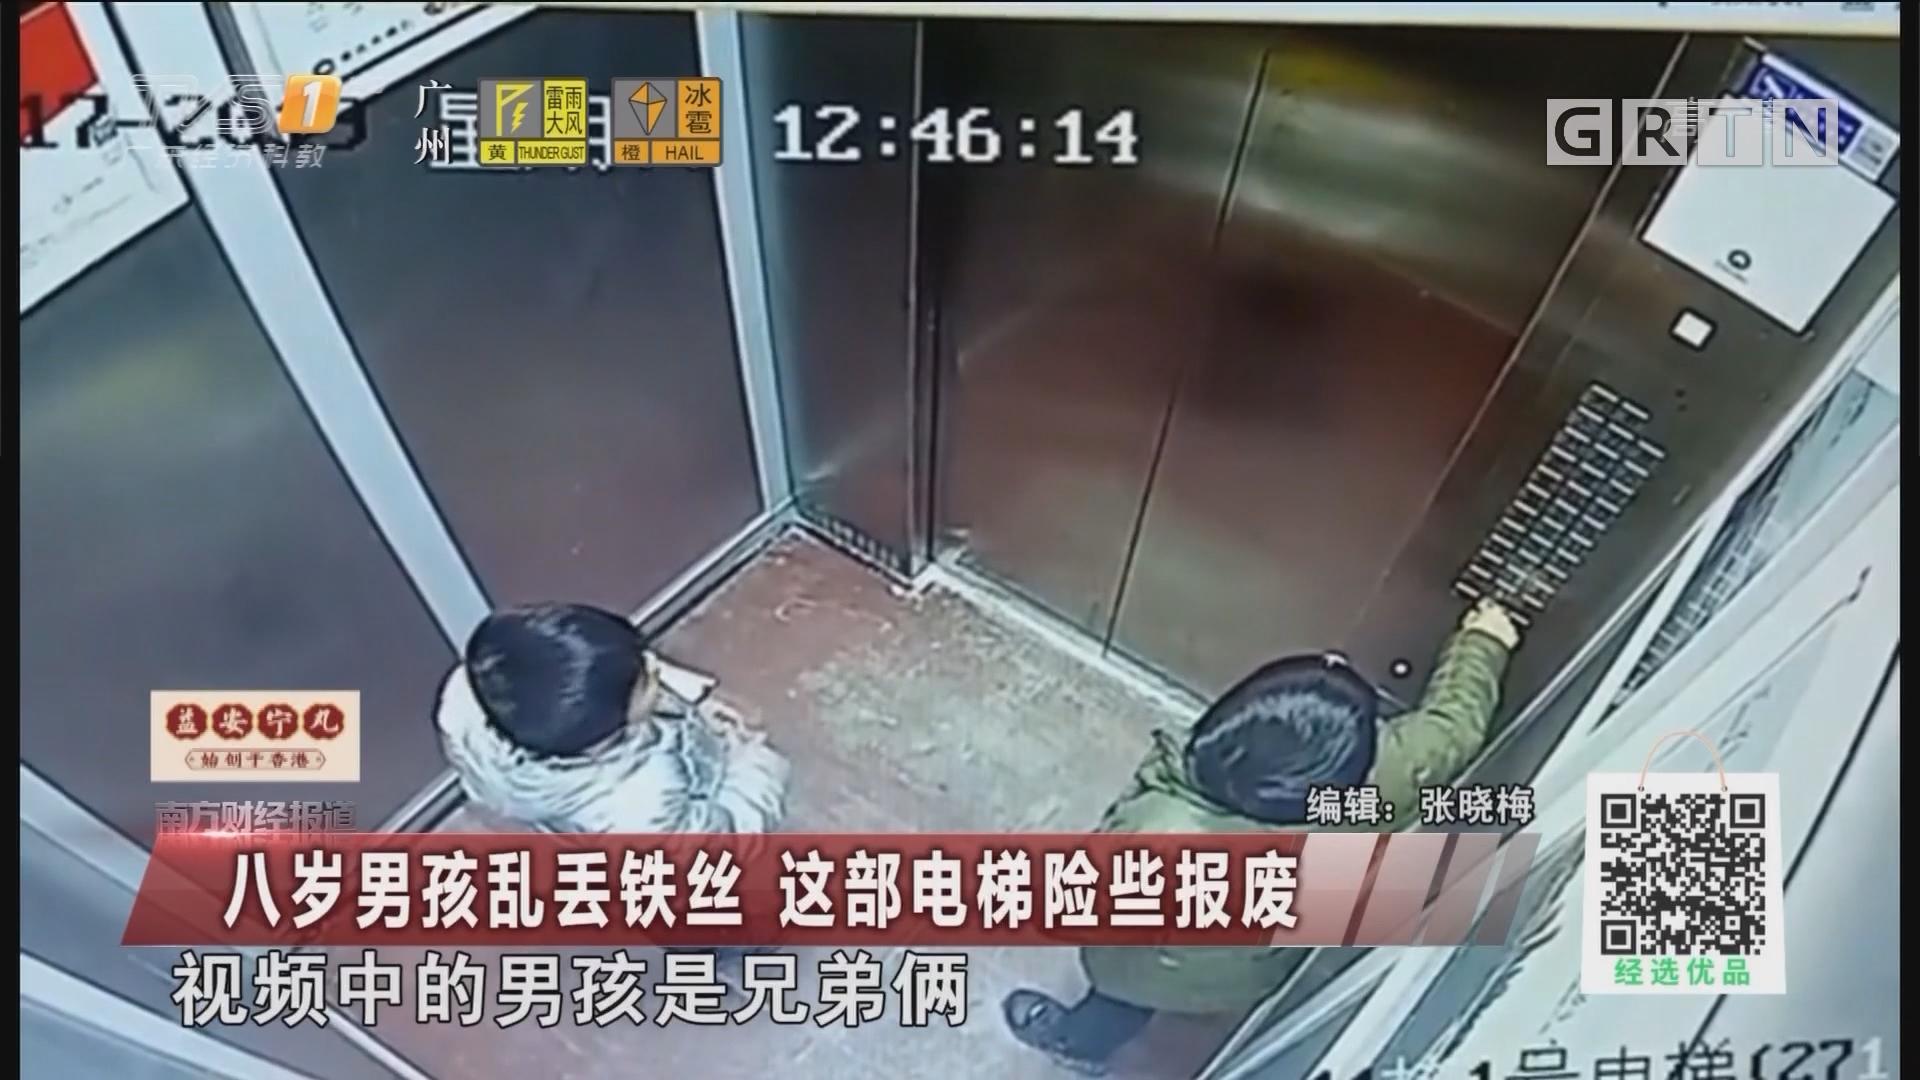 八岁男孩乱丢铁丝 这部电梯险些报废